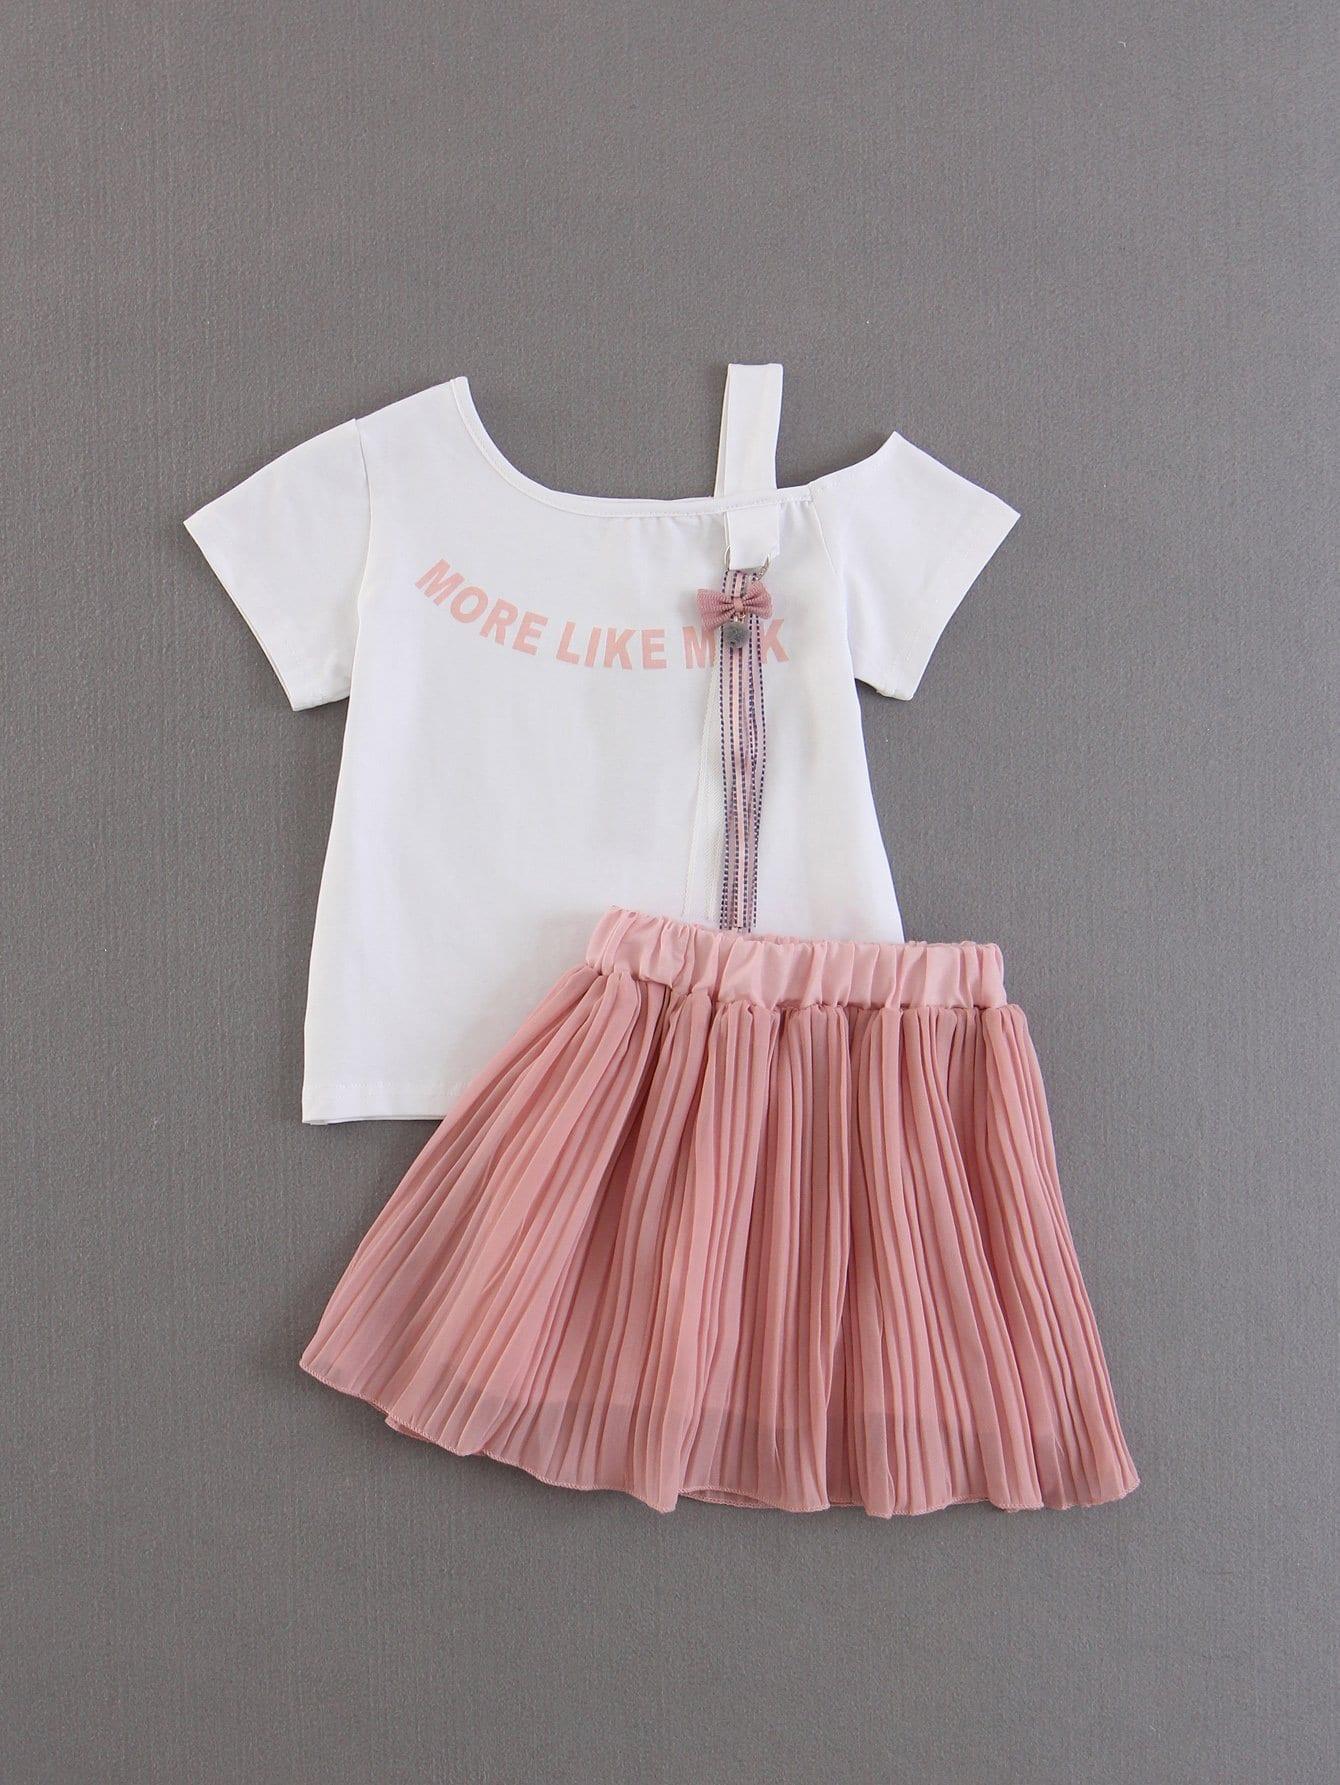 Футболка с надписью и юбка плиссированная для детей, null, SheIn  - купить со скидкой